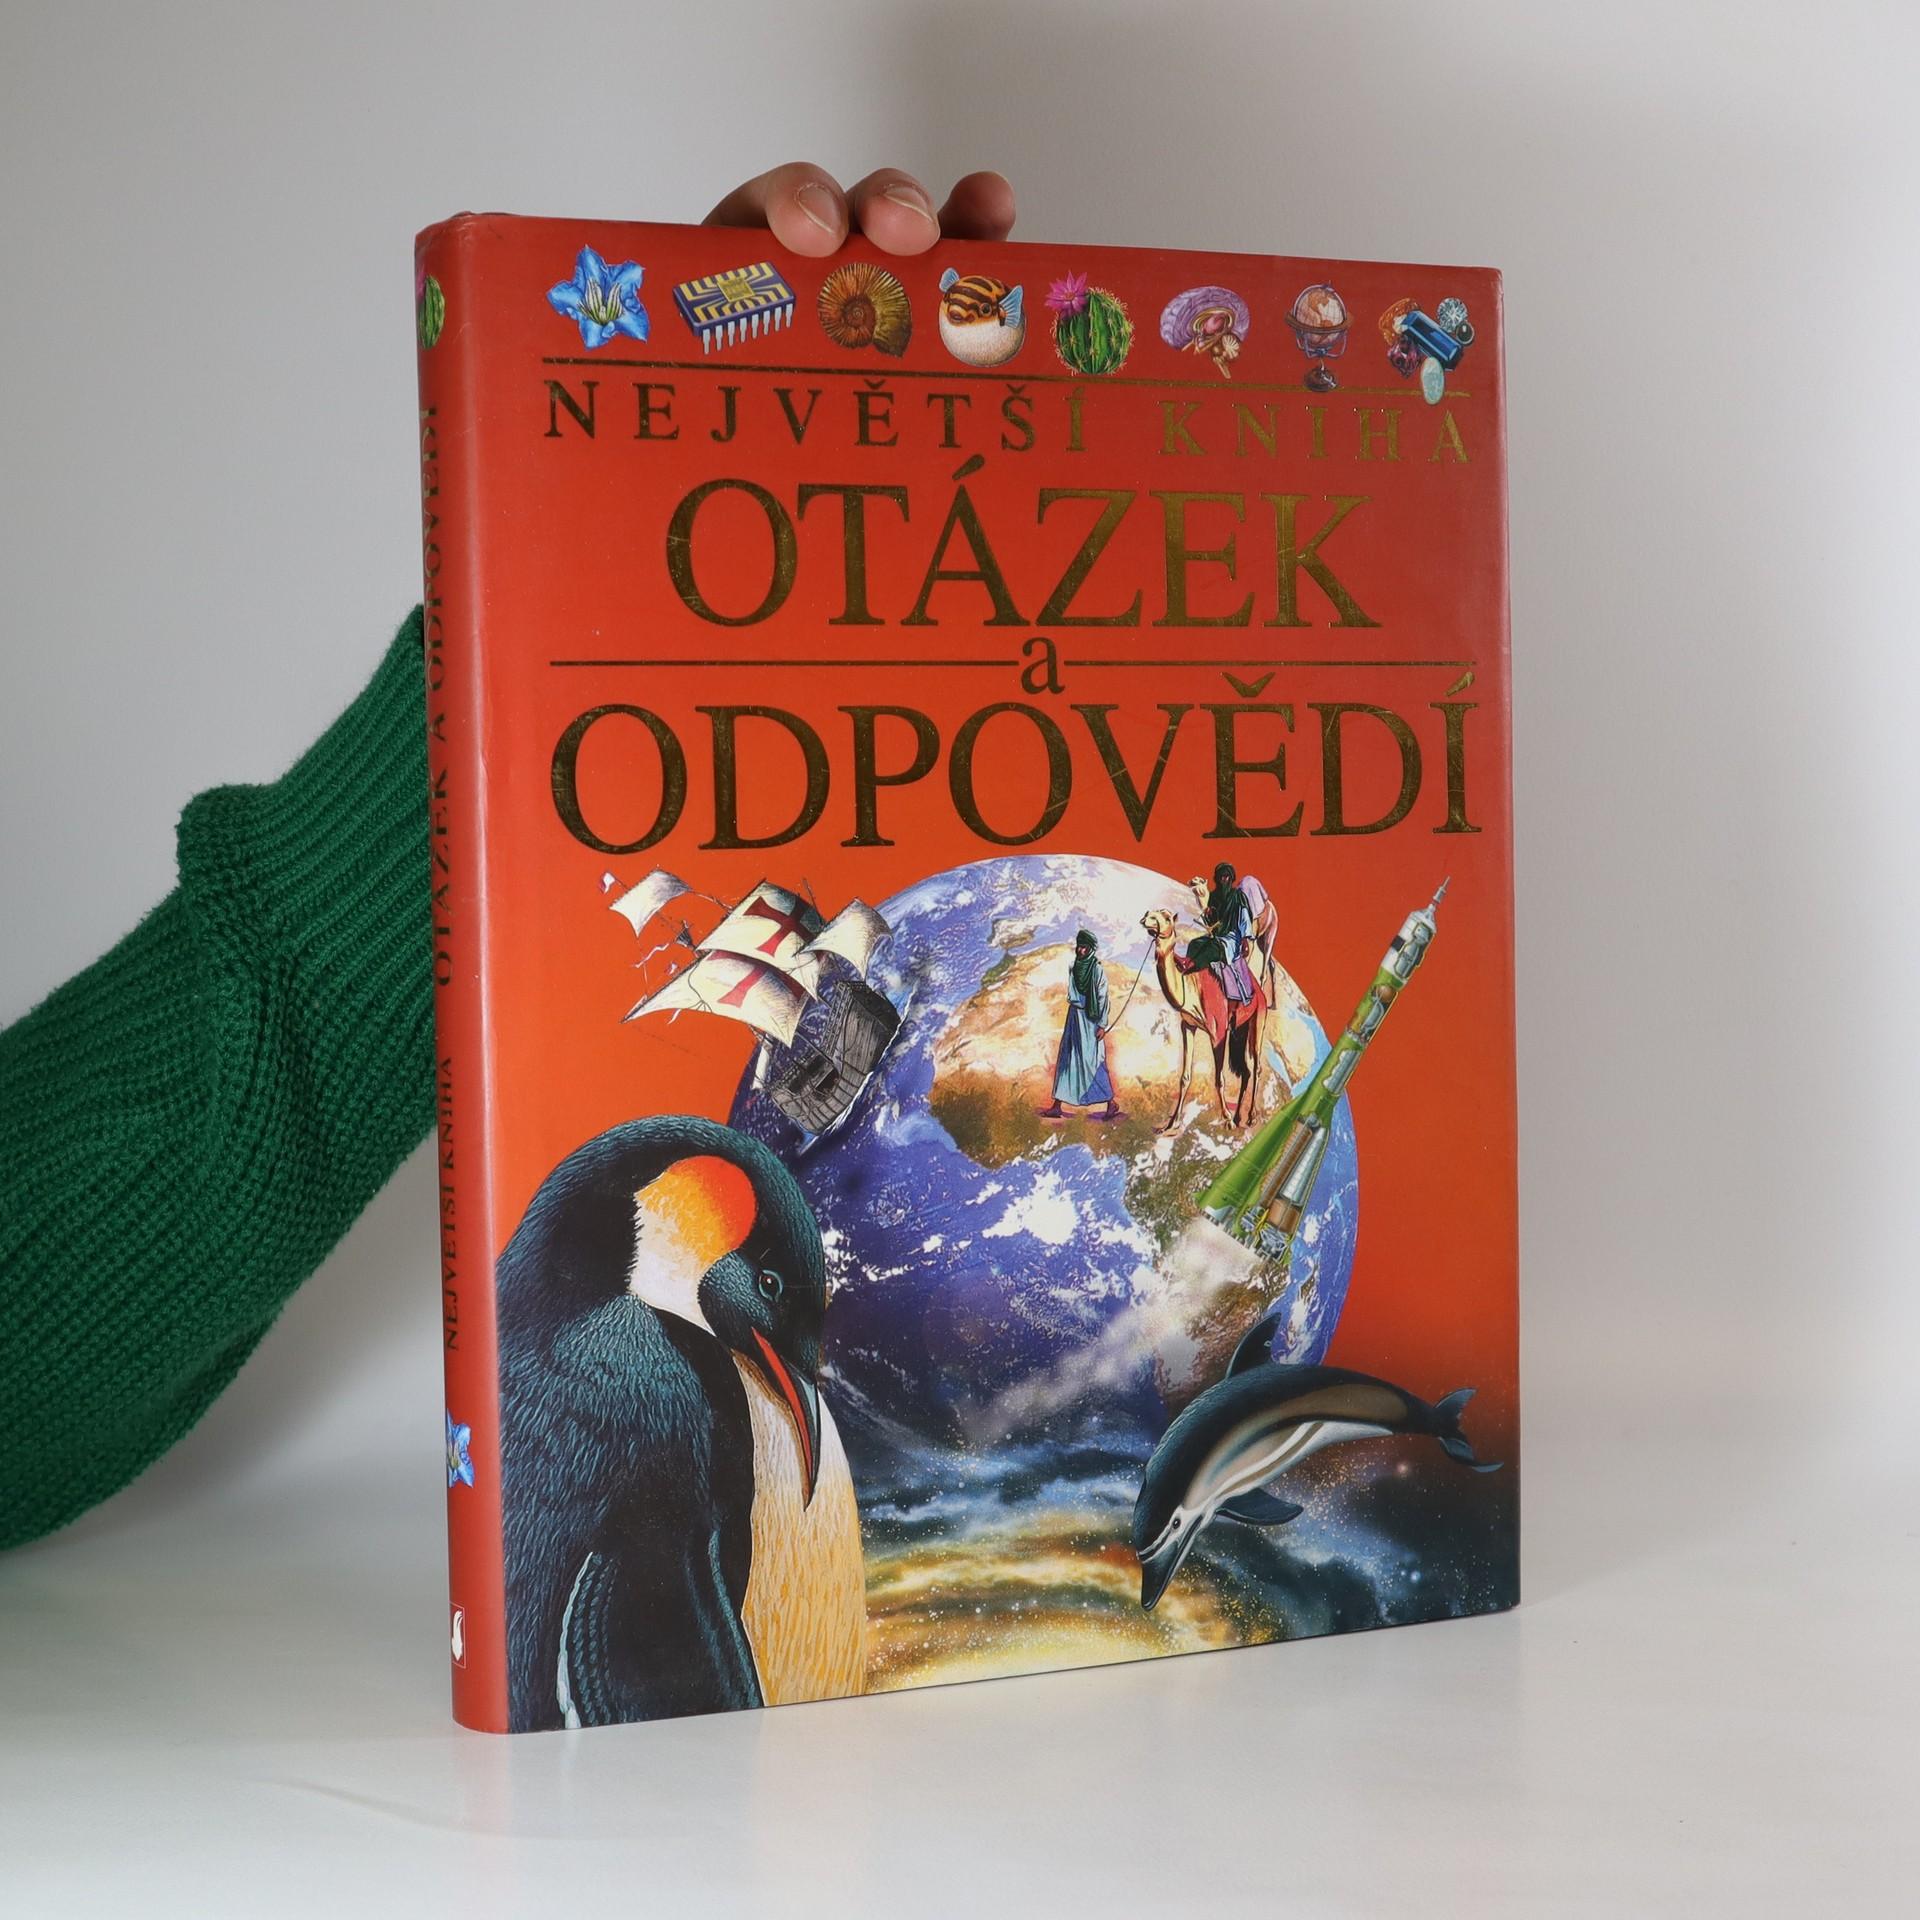 antikvární kniha Největší kniha otázek a odpovědí, 2004